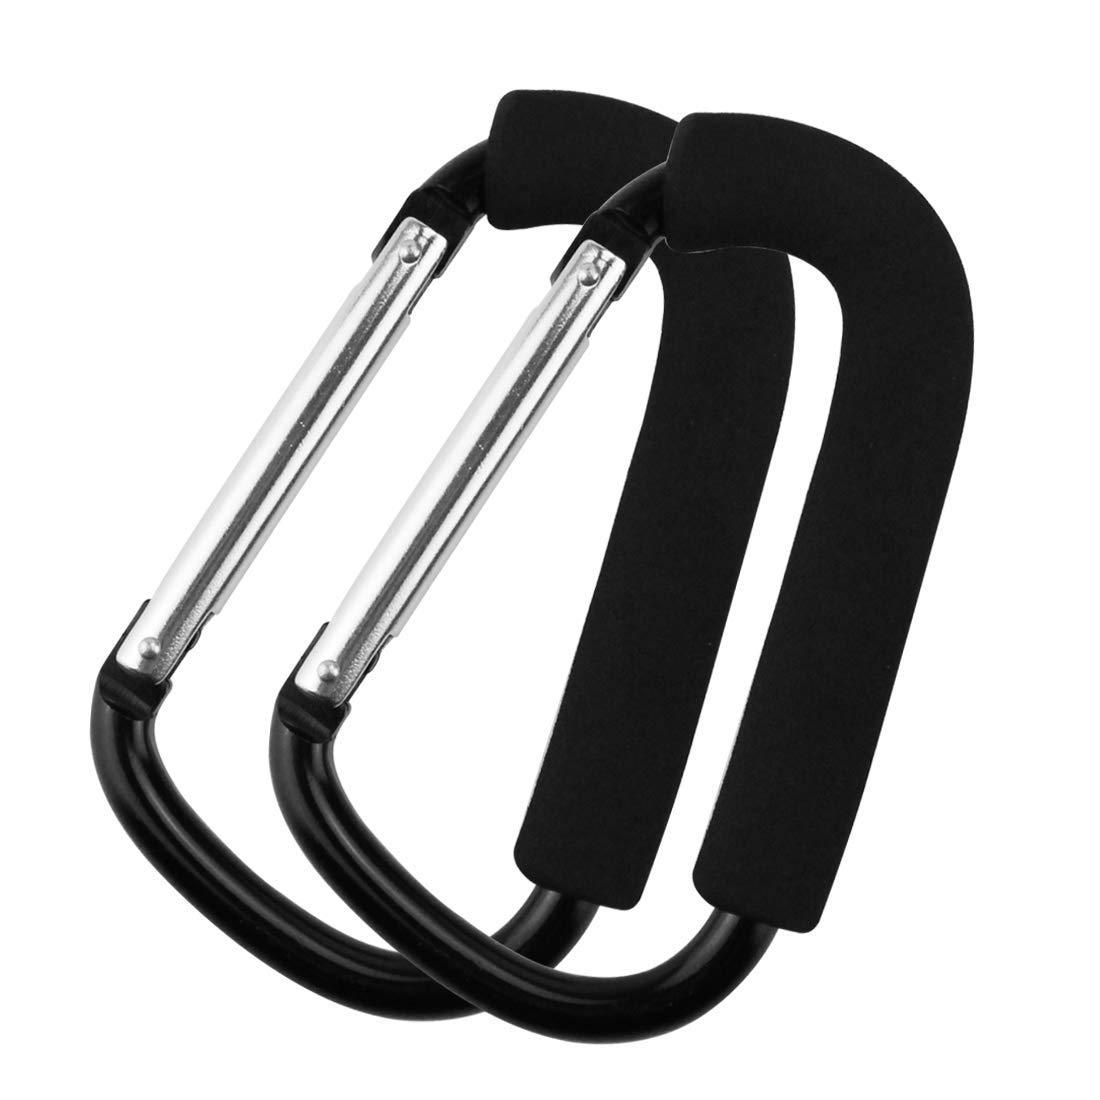 """Крючки для прогулочных колясок держатель для продуктовой сумки ручка карабины 6,"""" 5,1"""" Удобный очень большой d-образный инструмент для переноски крючков с мягкой пеной - Цвет: 16x10cm Black 1piece"""